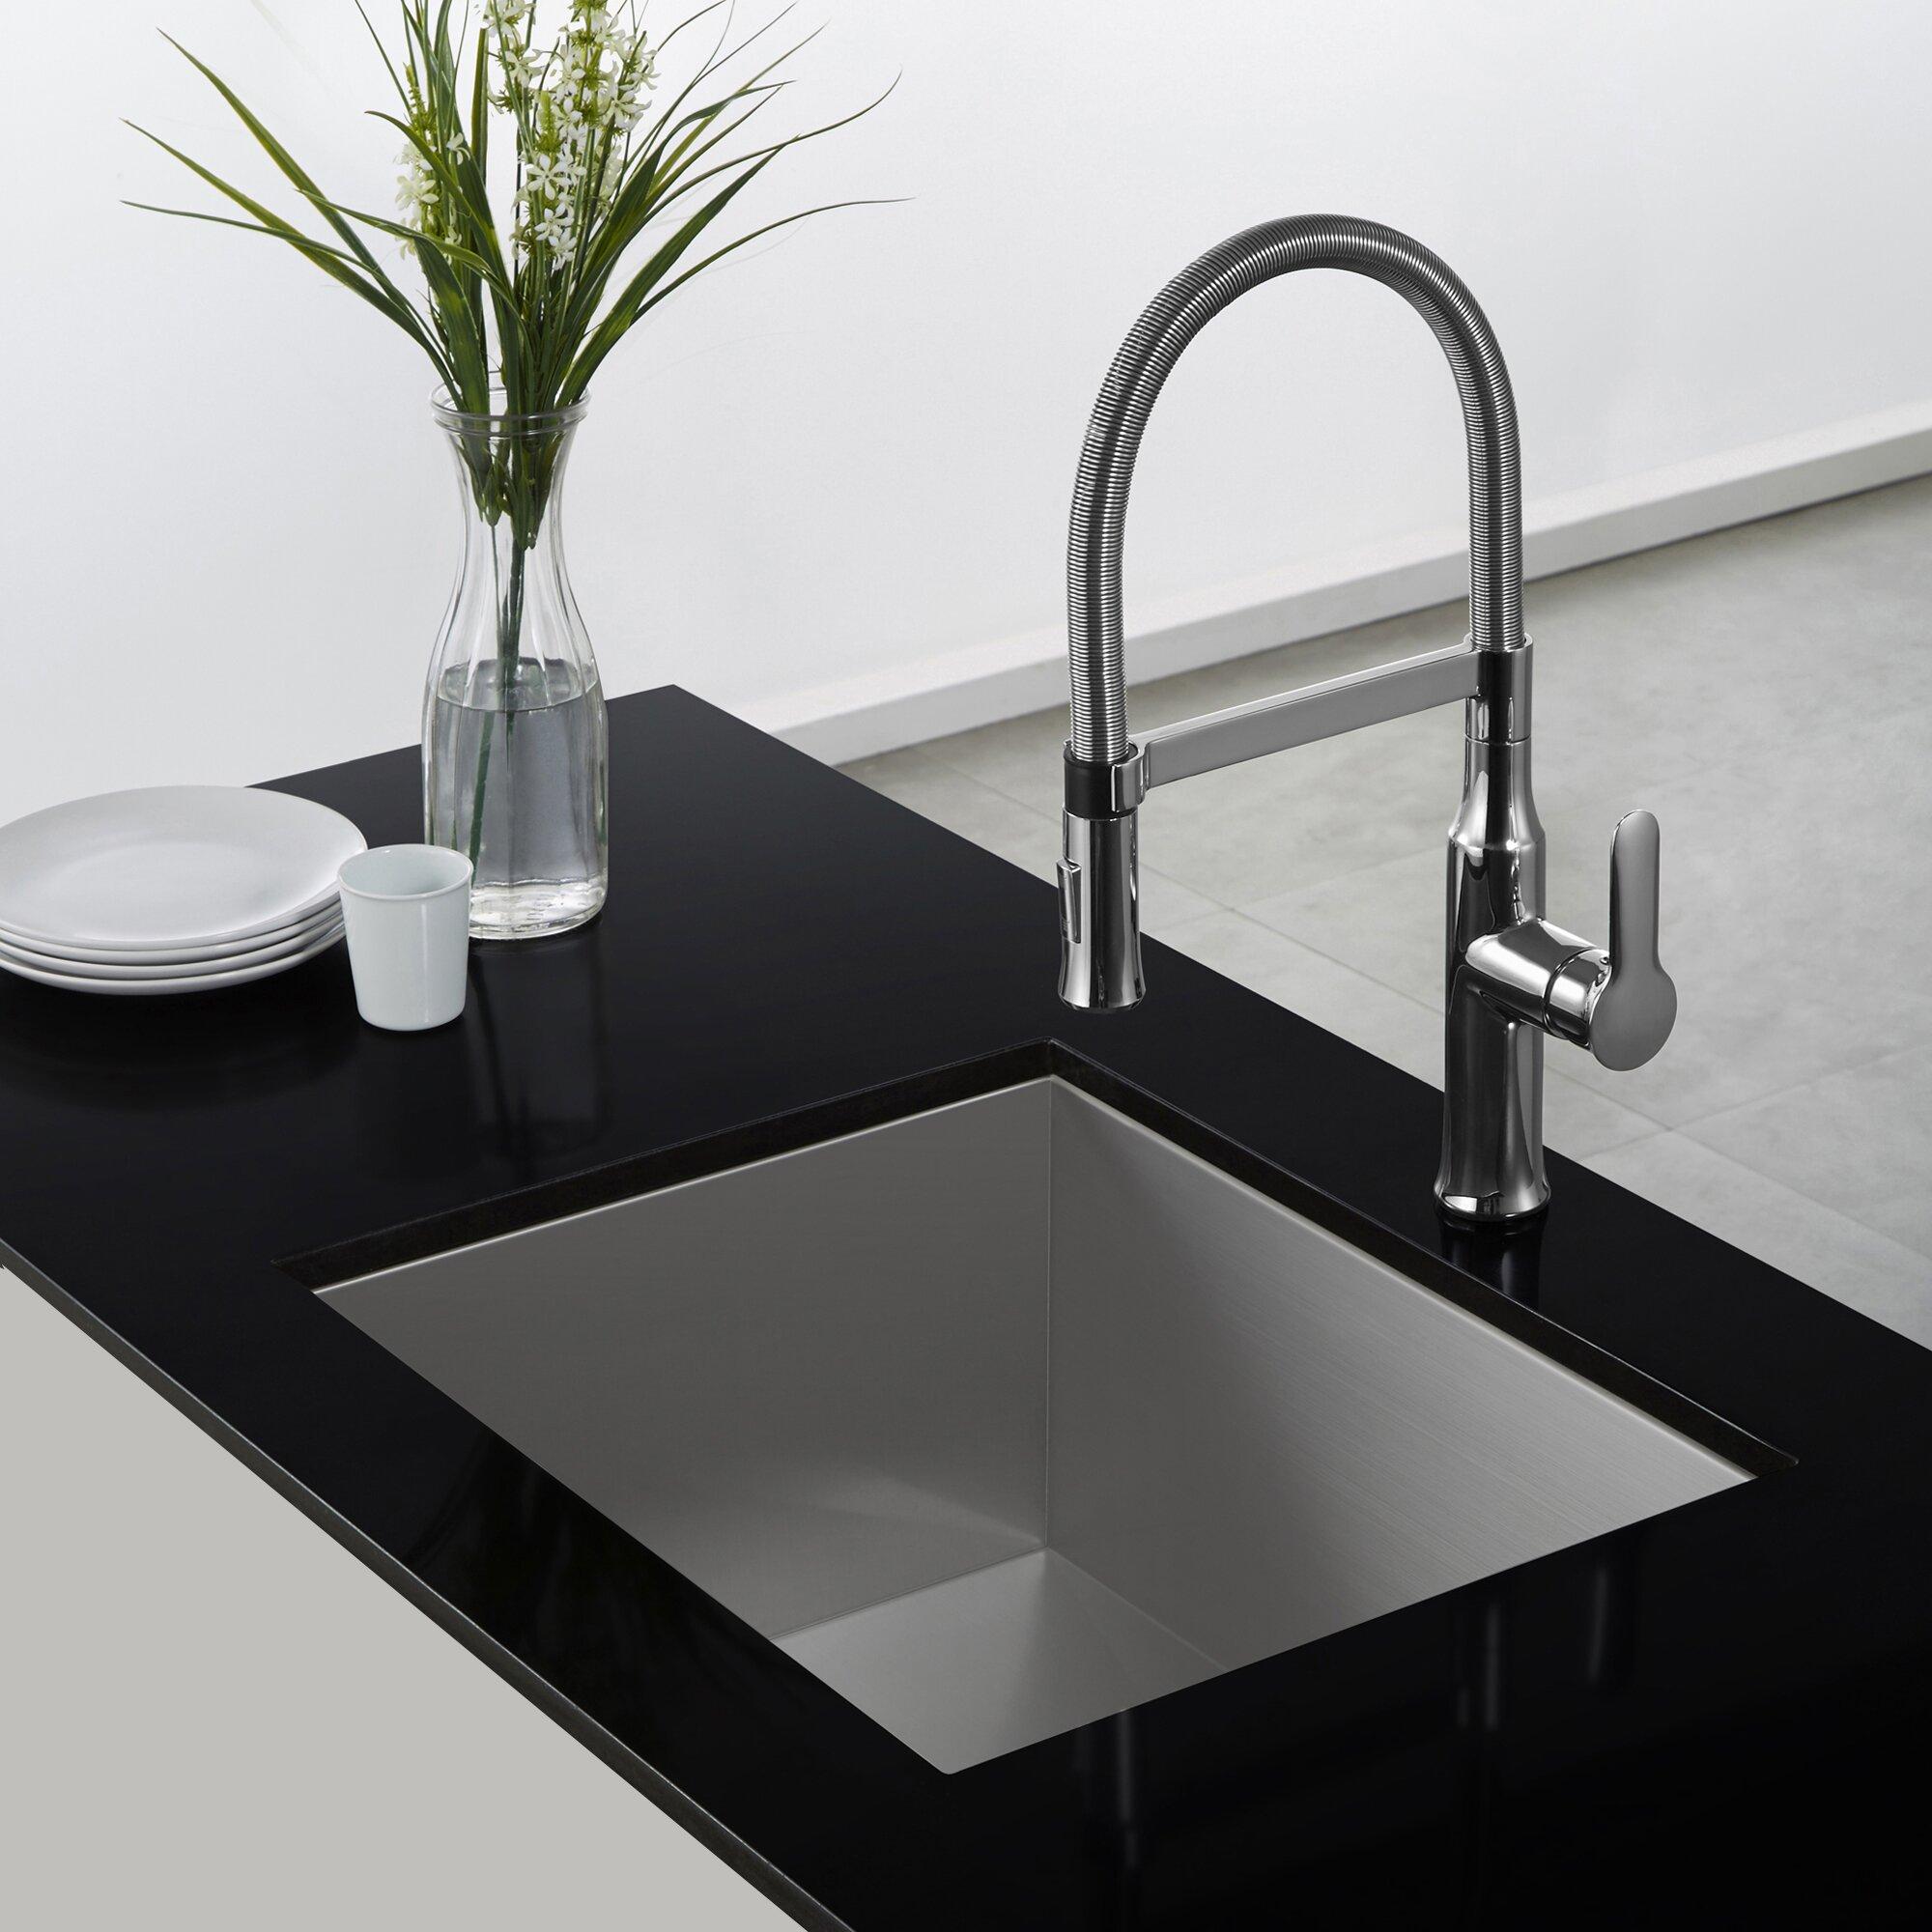 Kraus Faucets Reviews : Kraus Nola? Single Lever Flex Commercial Style Kitchen Faucet ...